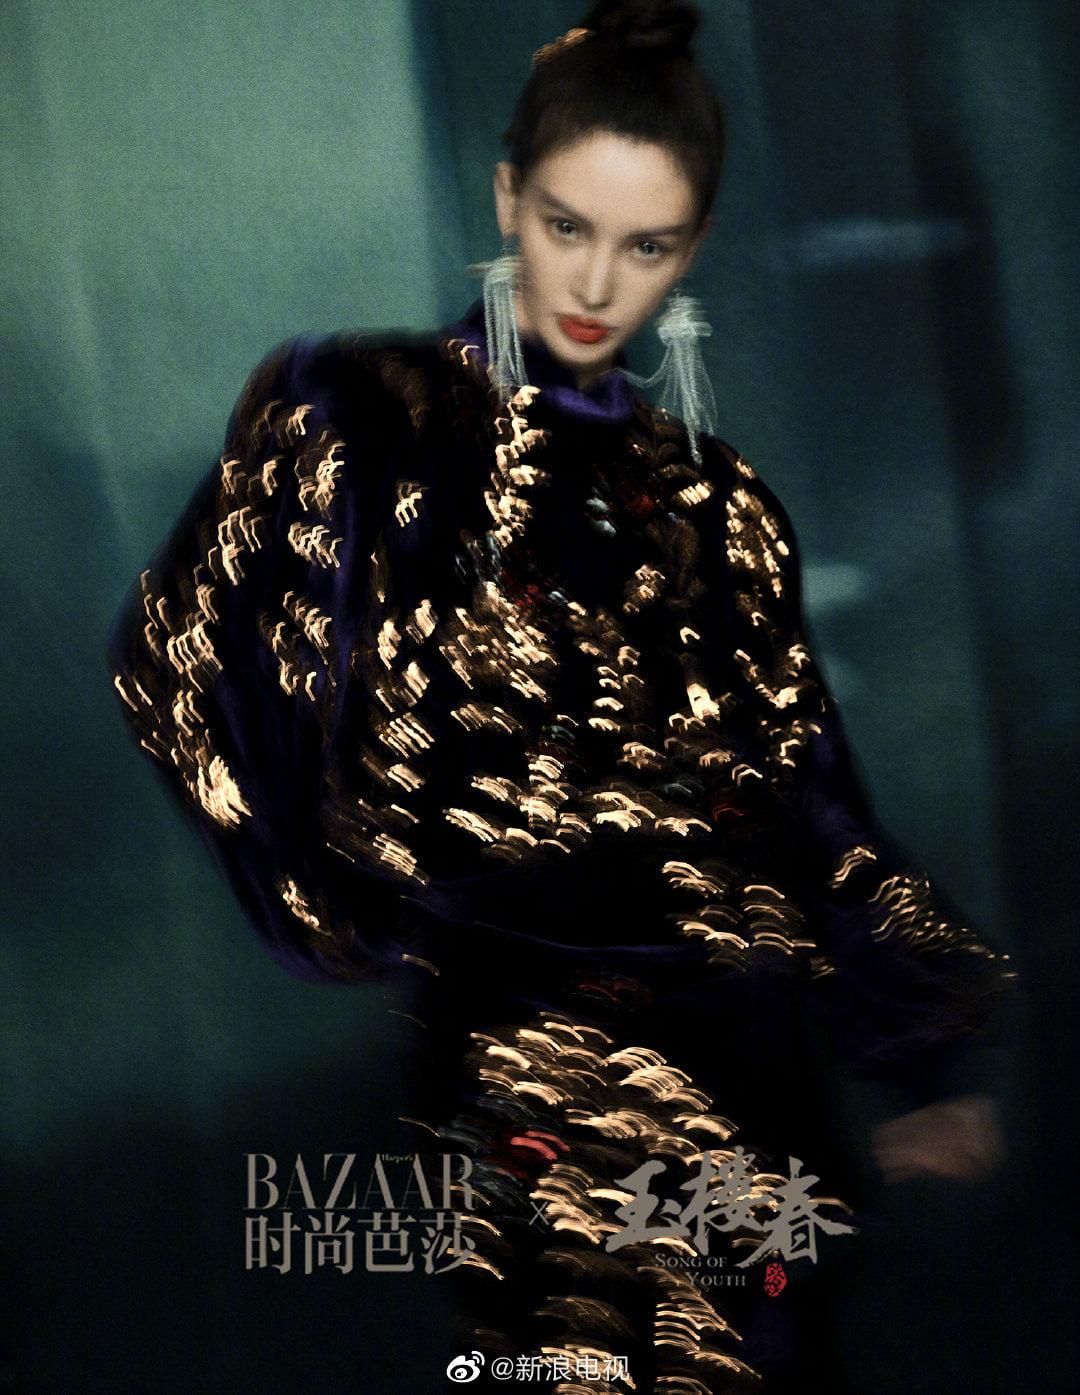 Dàn mỹ nhân Ngọc Lâu Xuân đại chiến tạp chí Bazaar 3